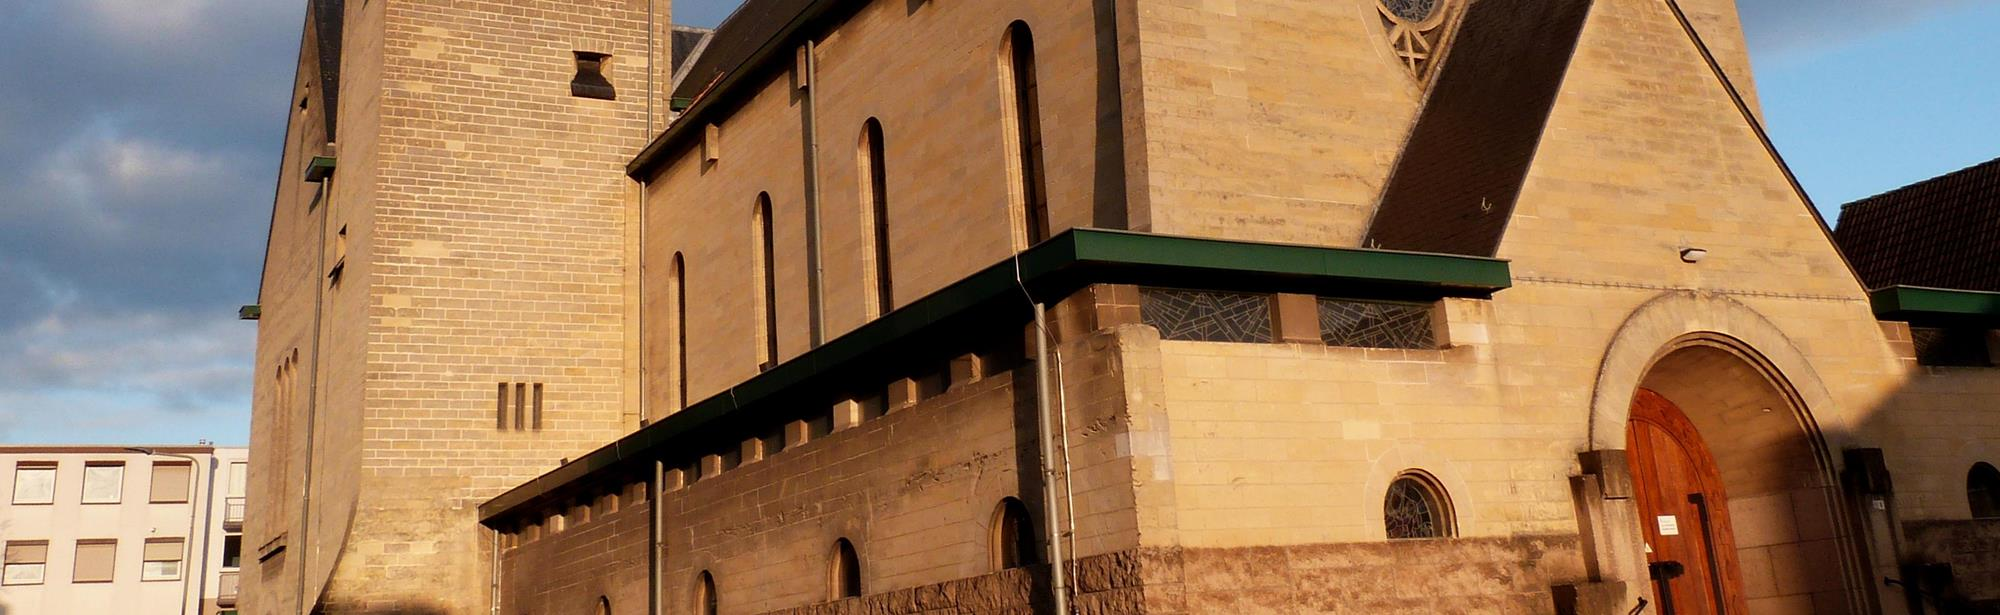 Sint-Jozefkerk